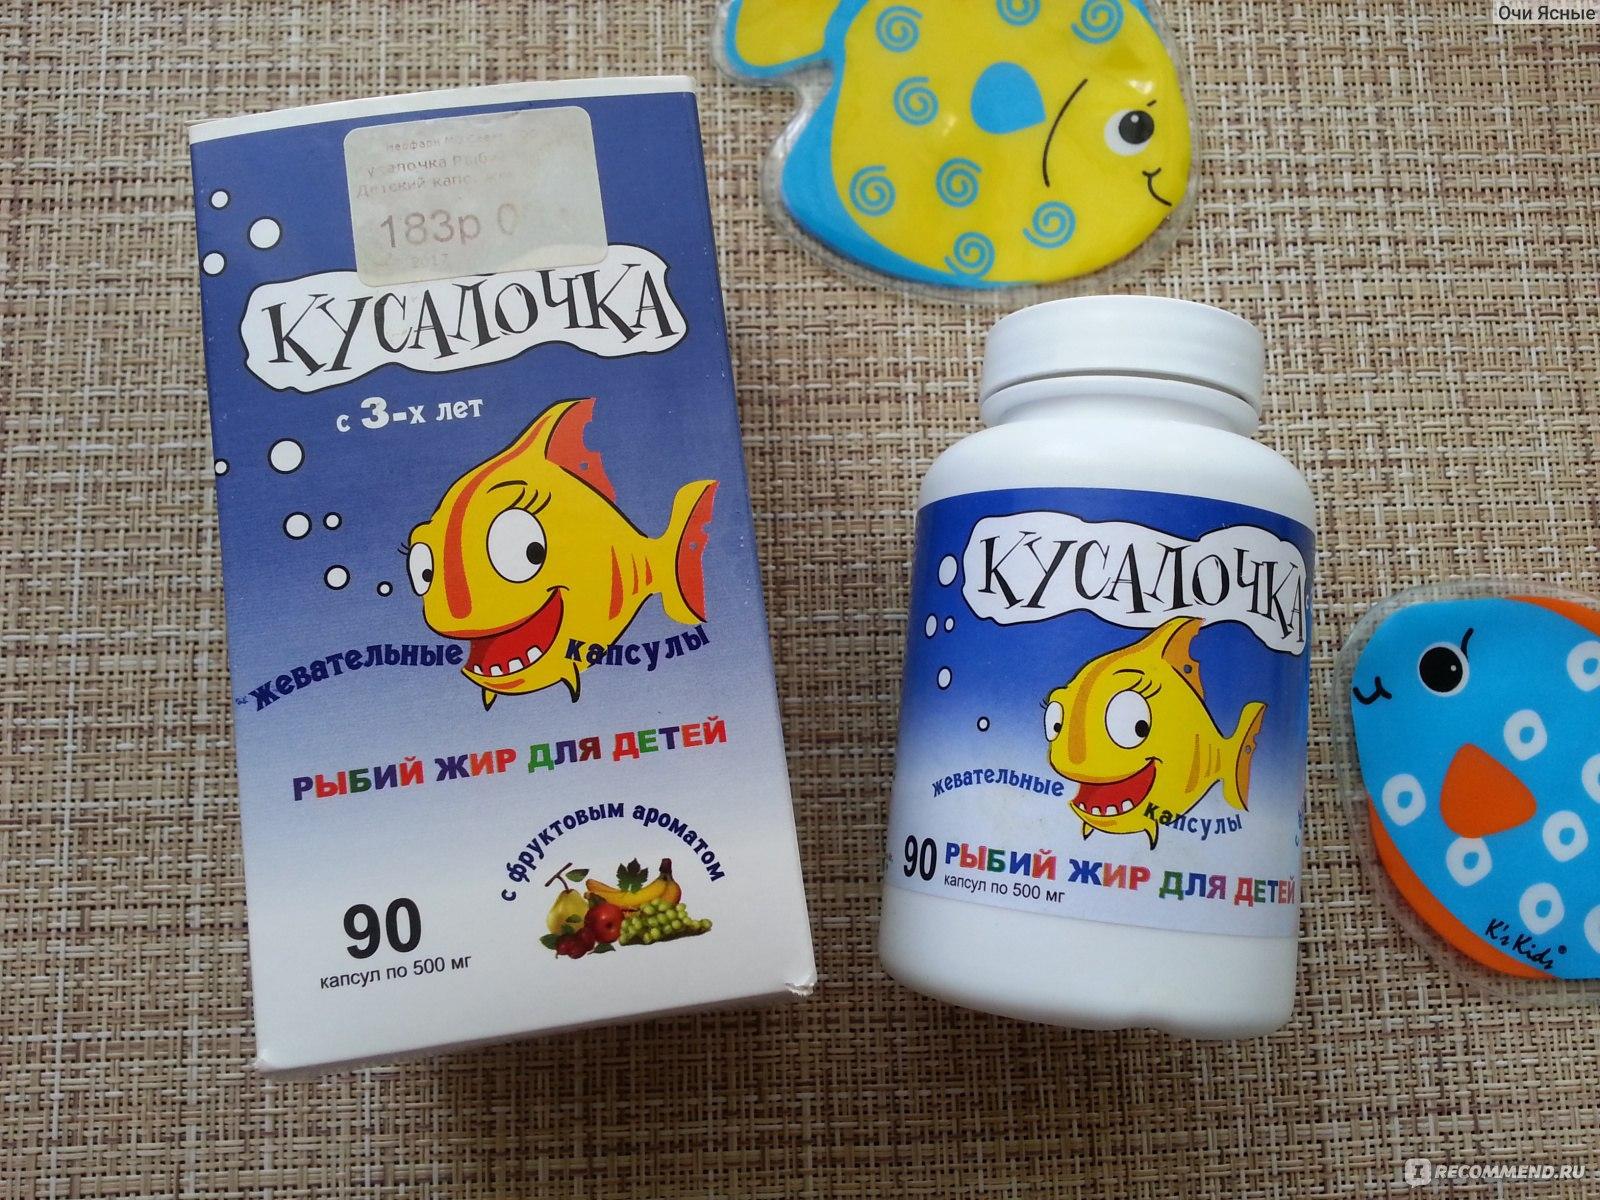 Рыбий жир для детей: инструкция применения и дозировка, полезные свойства и противопоказания, отзывы